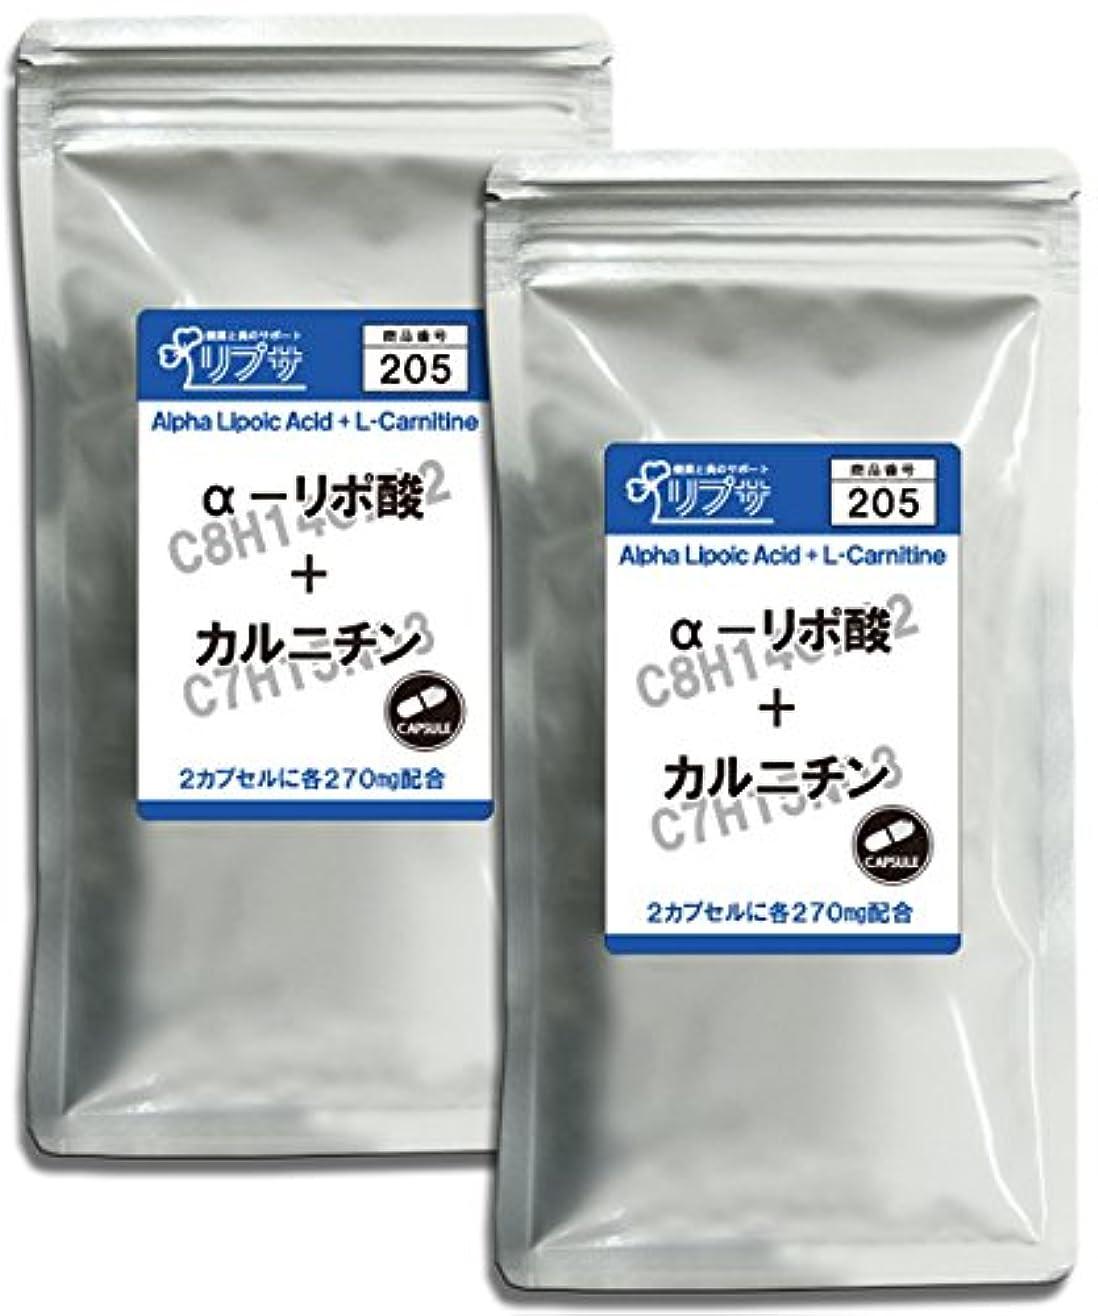 ドレインアークによるとアルファリポ酸+カルニチン 約3か月分×2袋 C-205-2